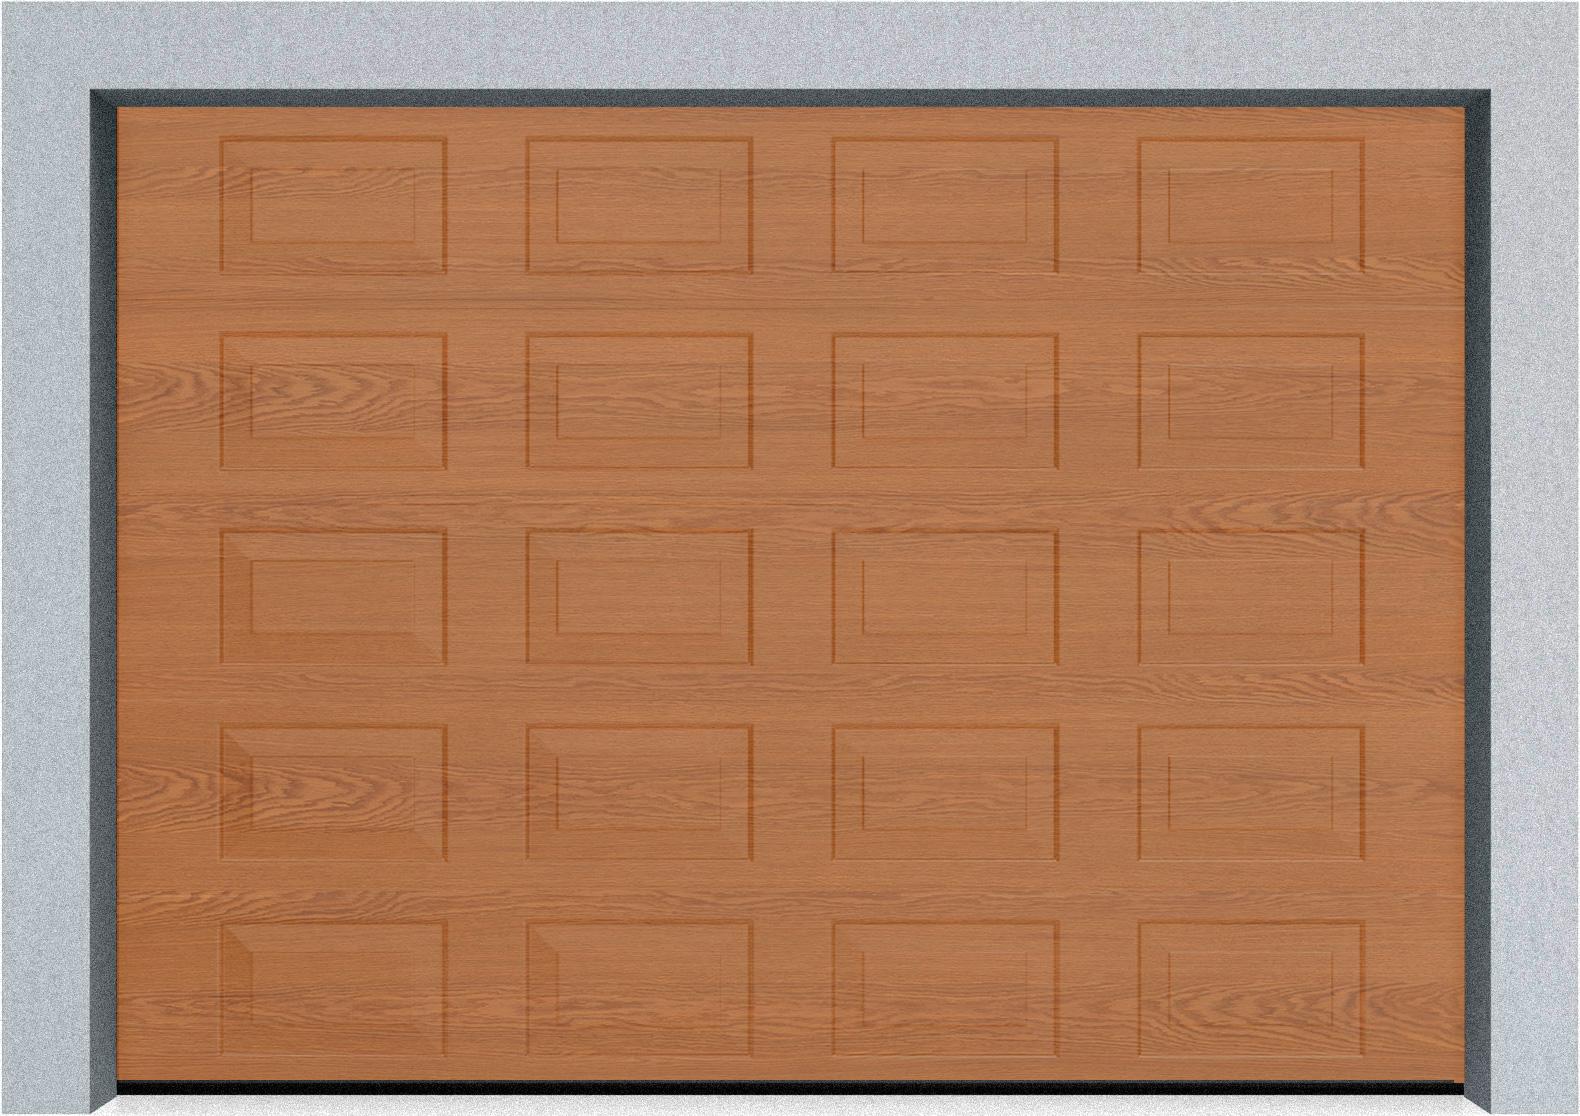 Секционные гаражные ворота Alutech Trend 2110x1900 филенка цвета под дерево, пружины растяжения, фото 1